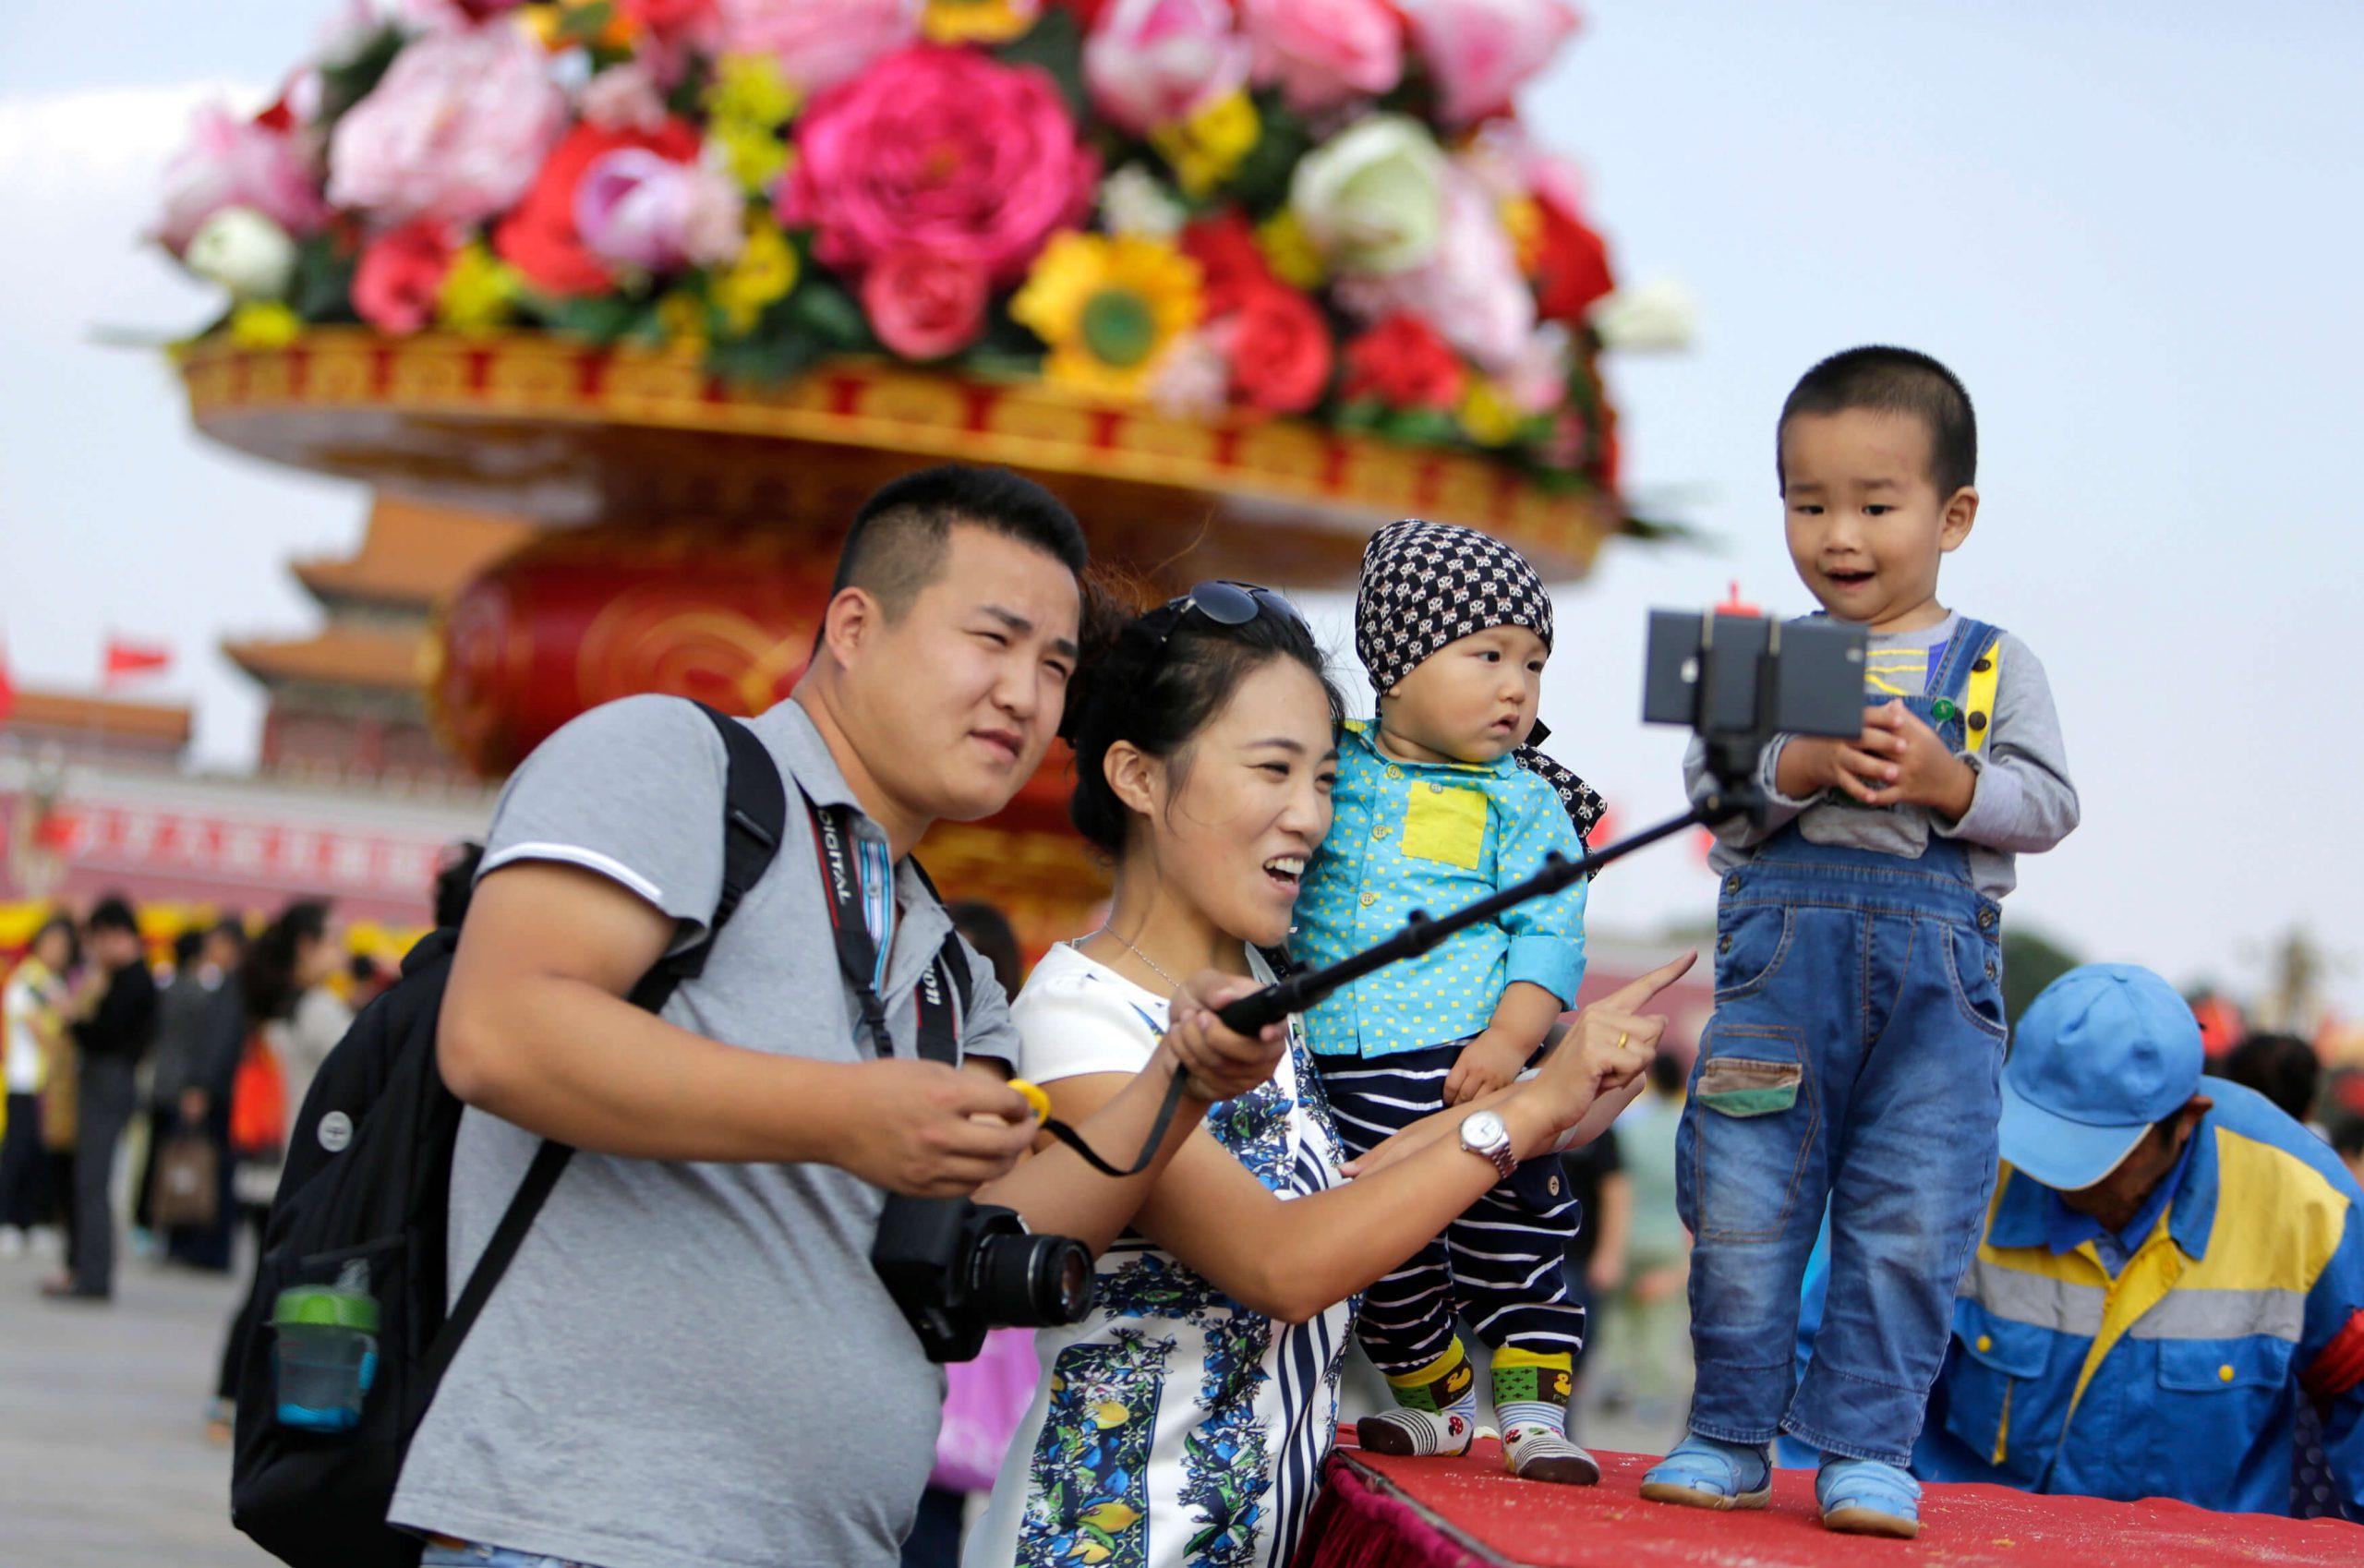 В Китае разрешили семьям иметь трех детей